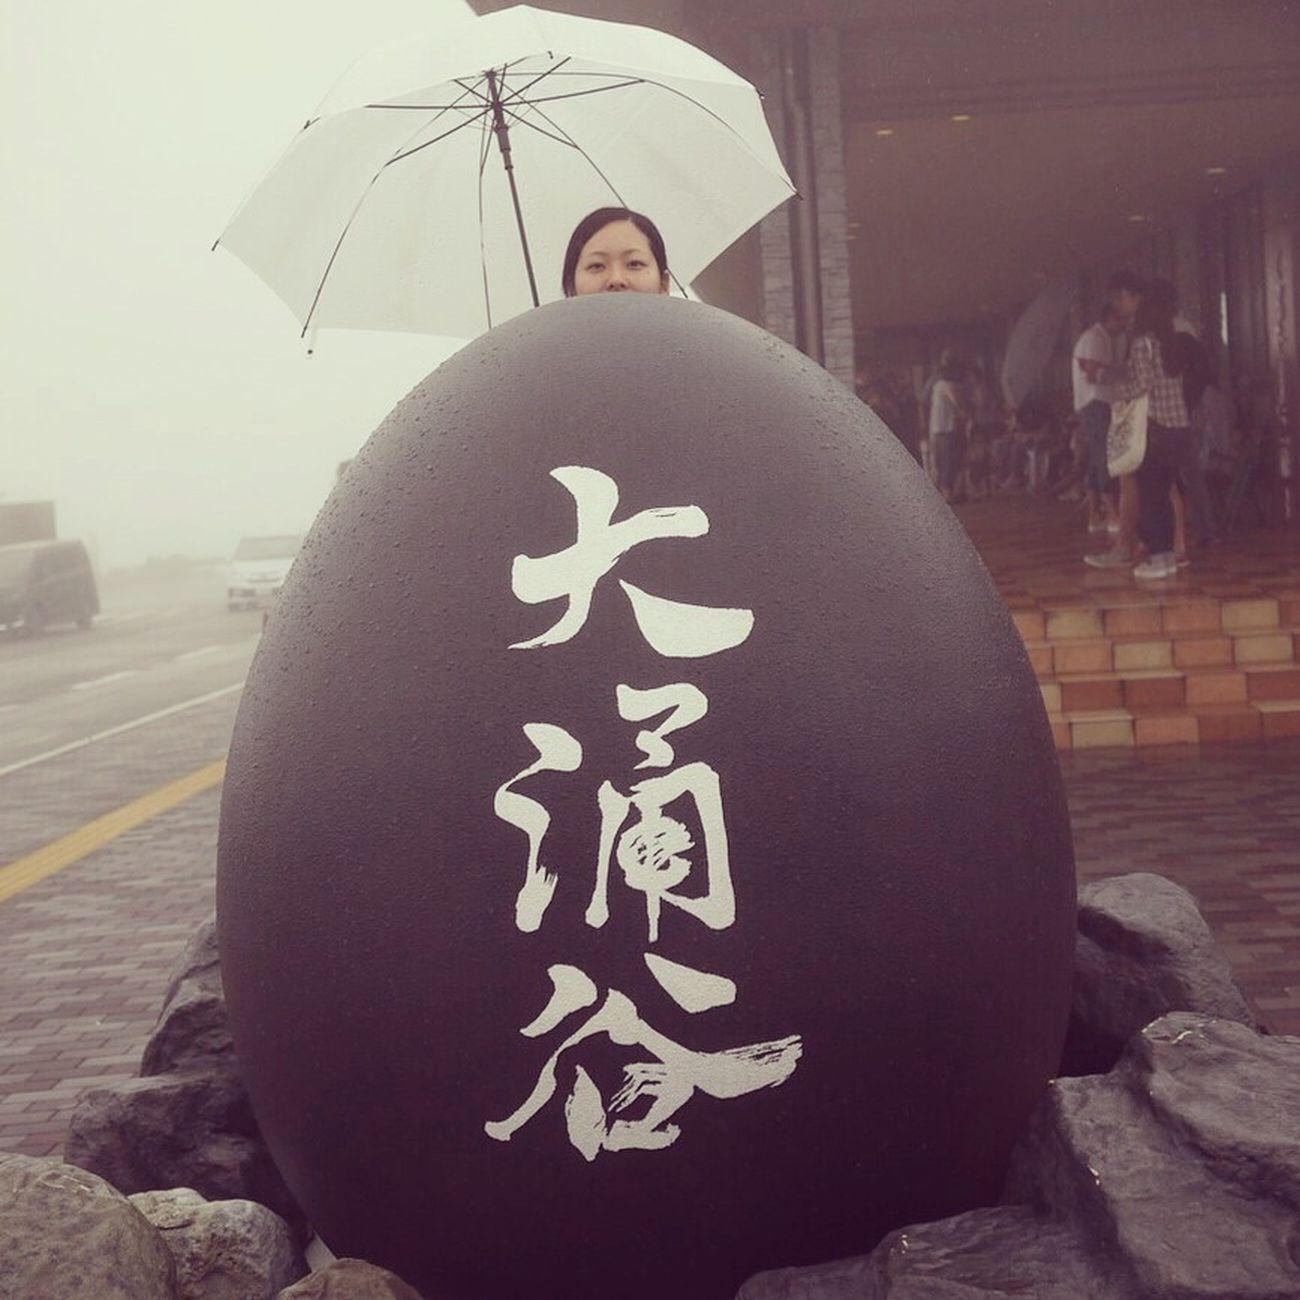 大涌谷 Hakone 黒たまご 0inly